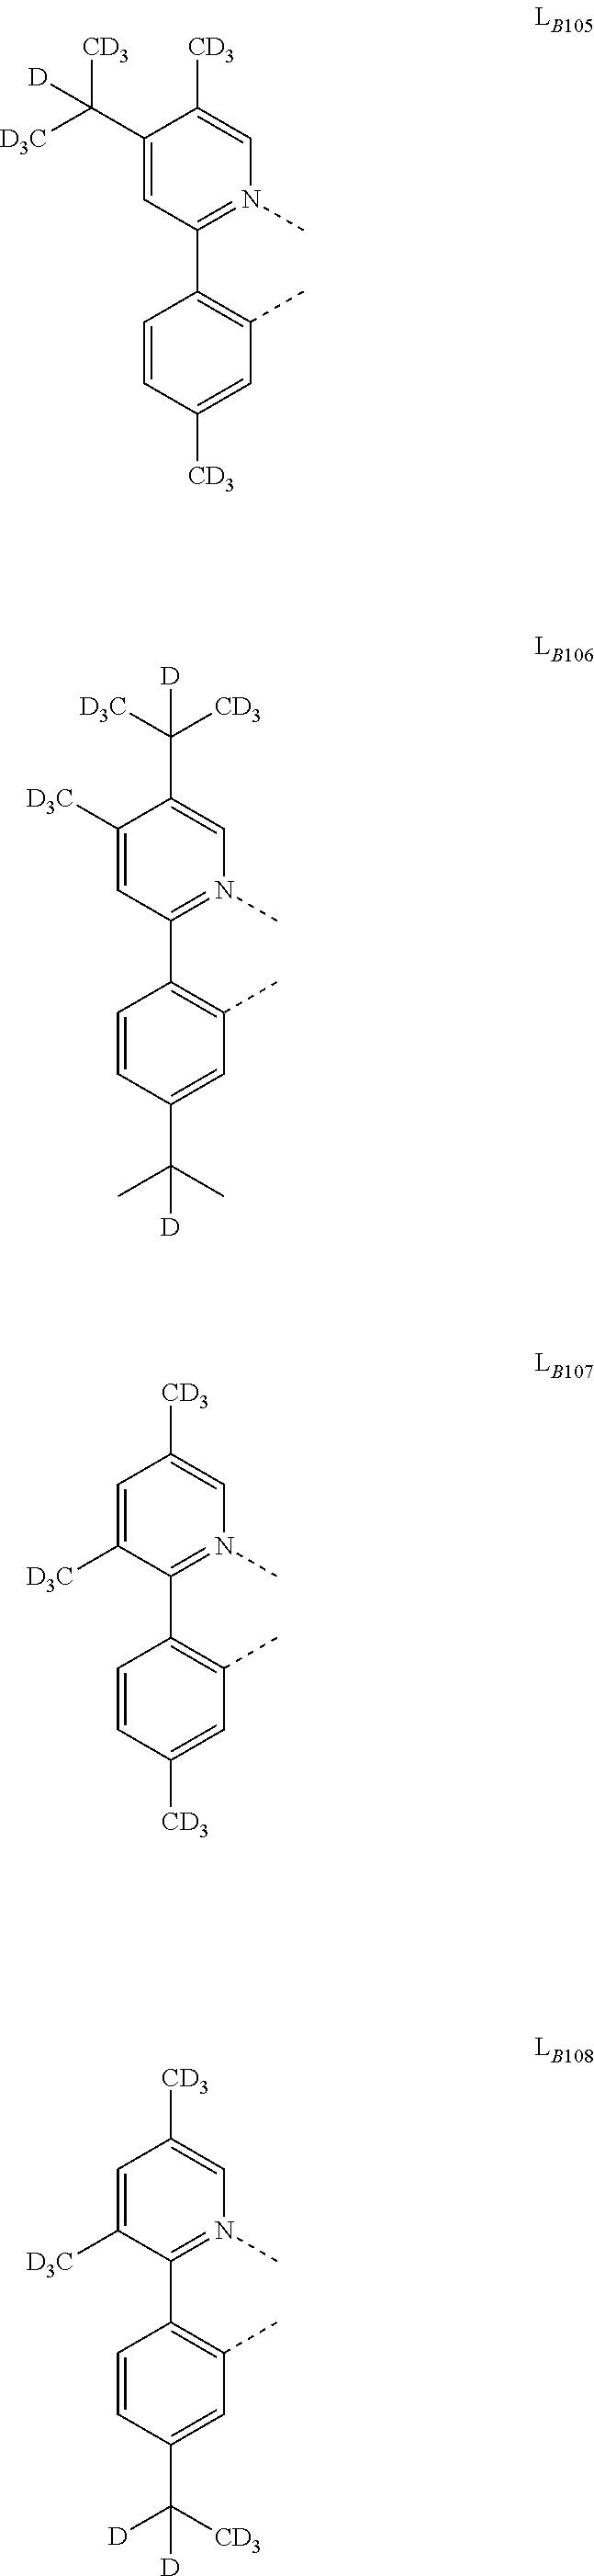 Figure US09929360-20180327-C00058